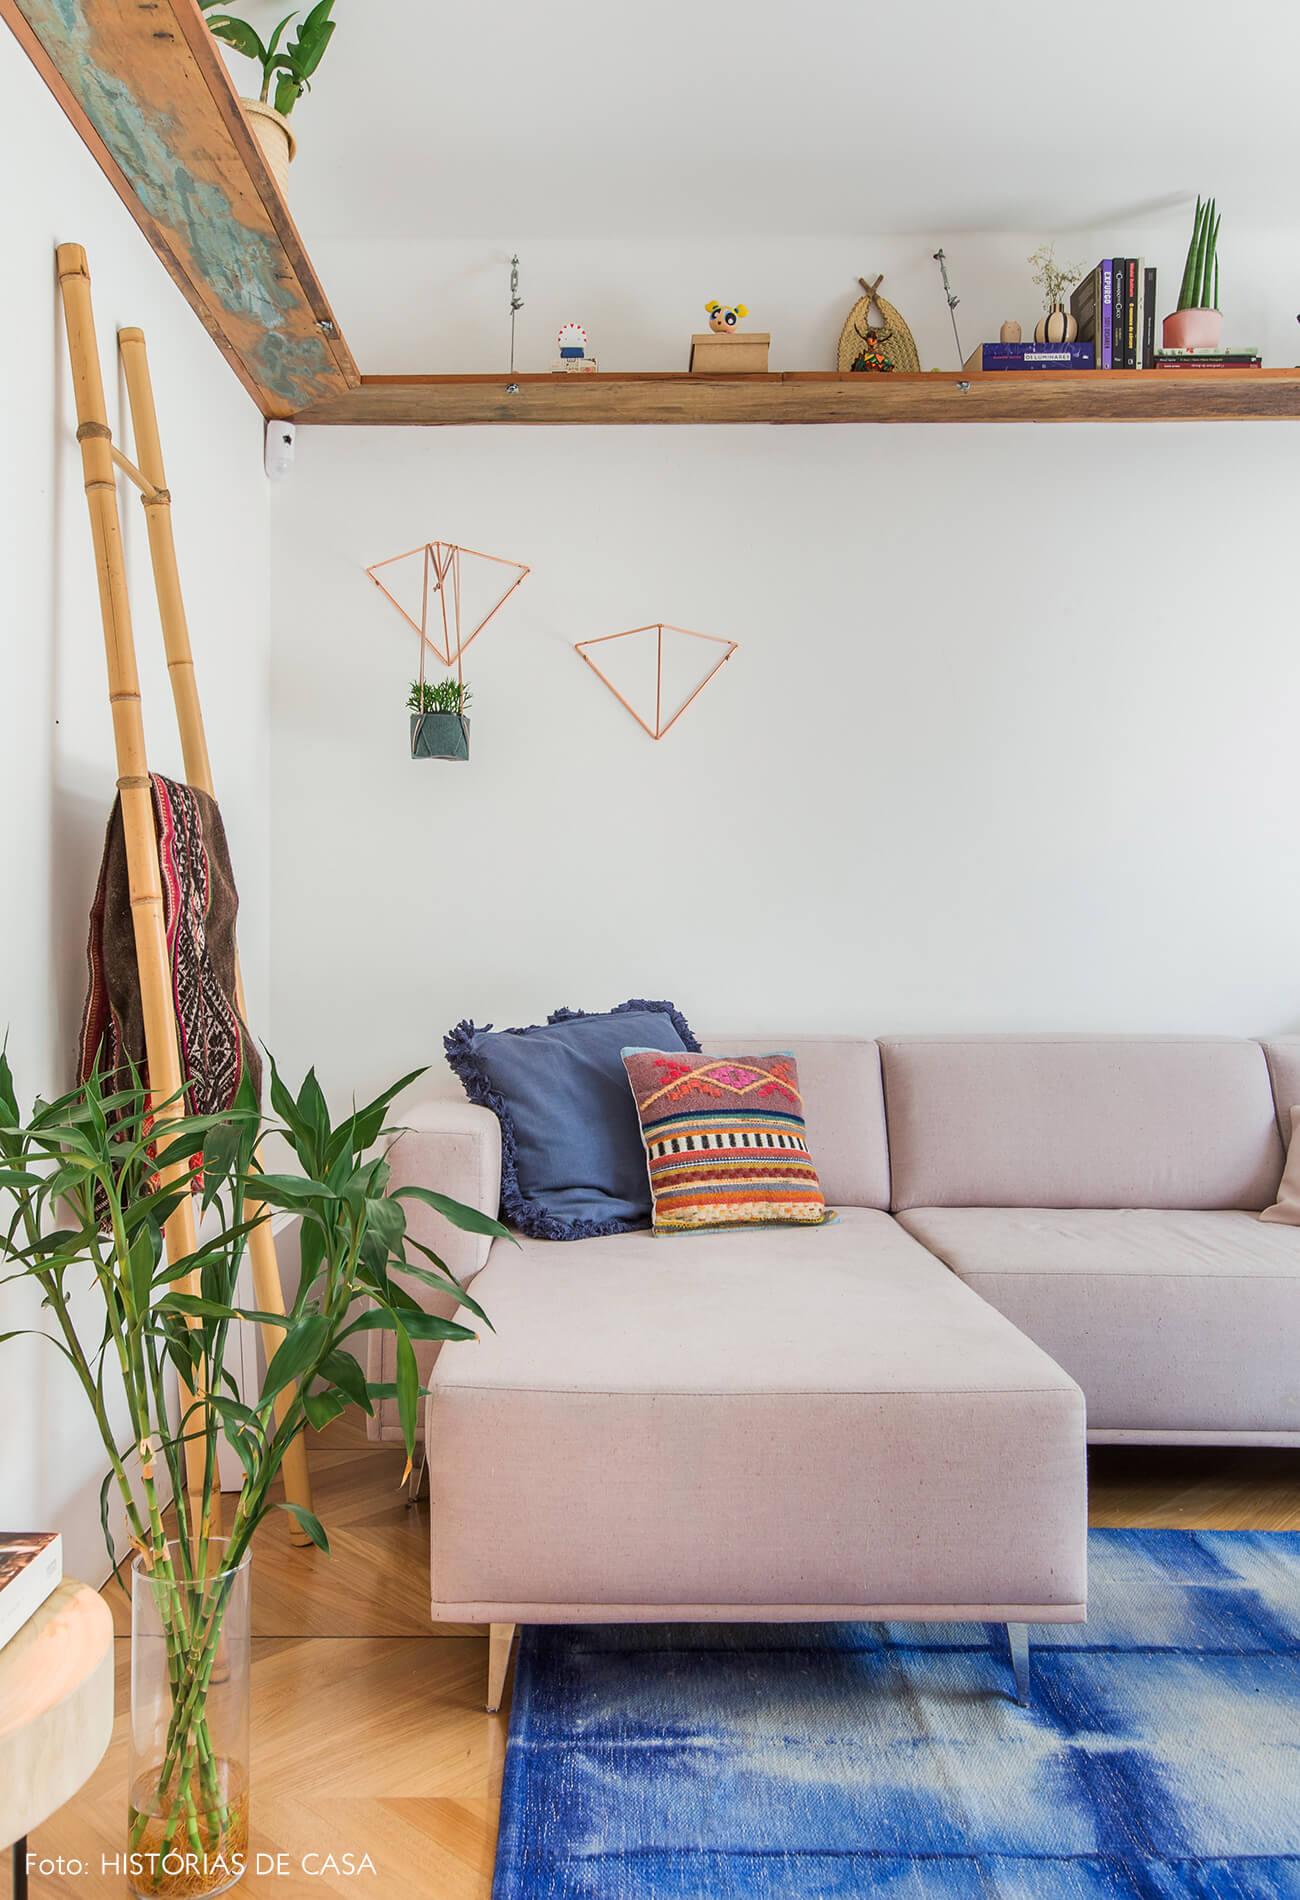 Casa com decoração colorida e sofá rosa